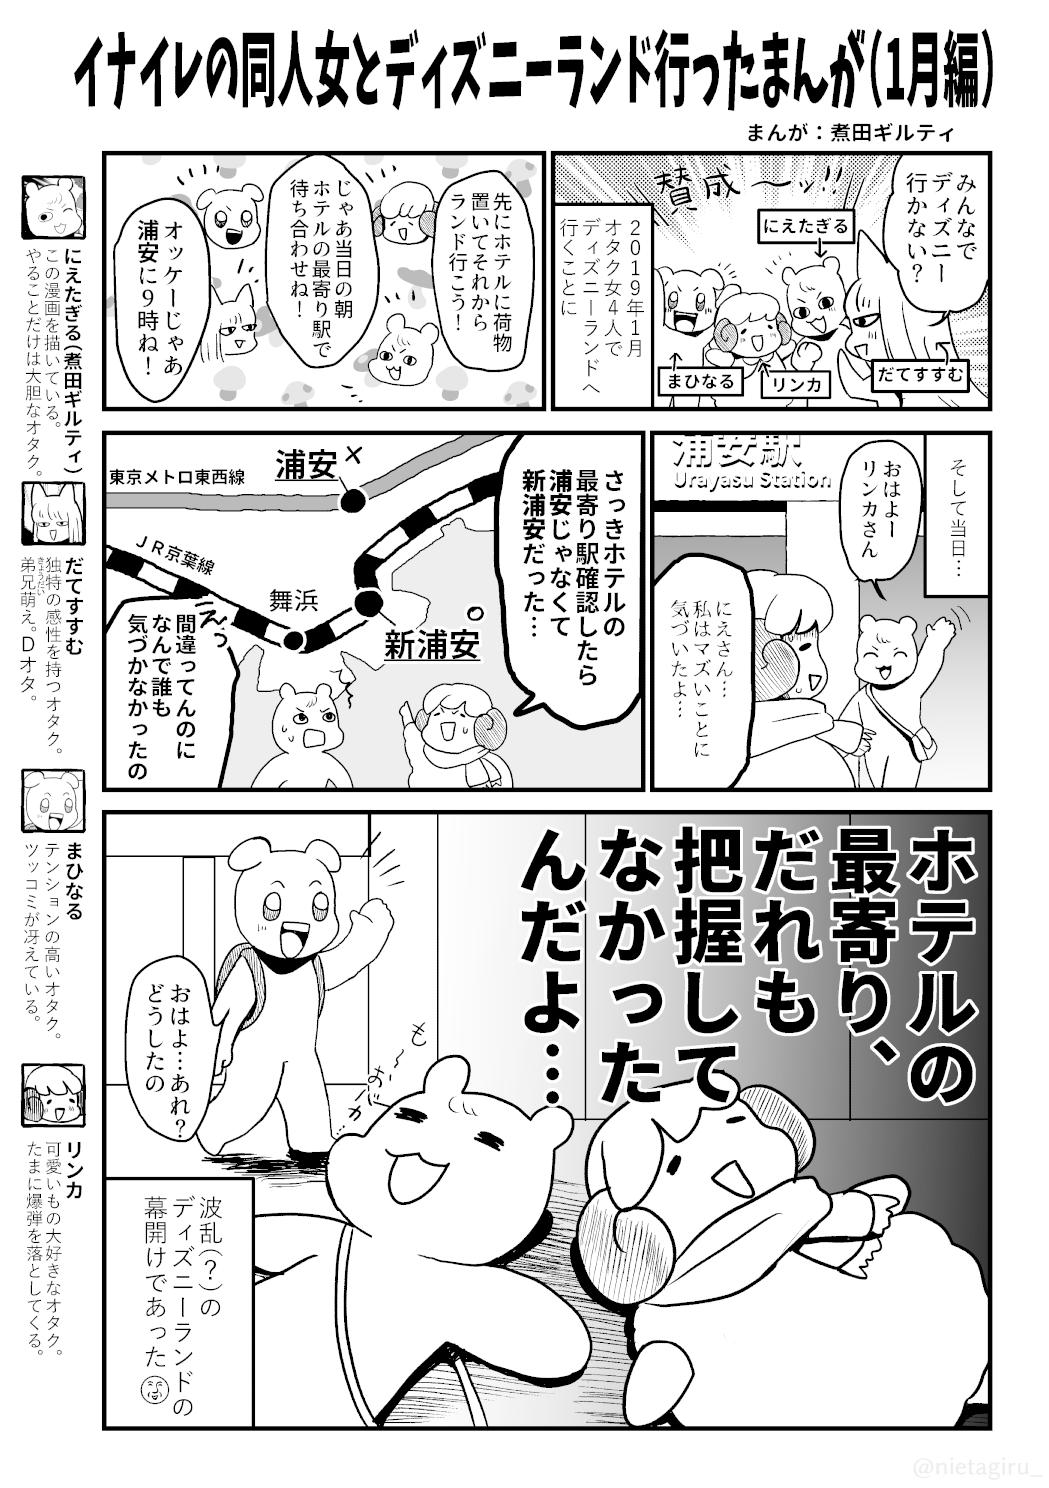 オタ女あほライフ_010